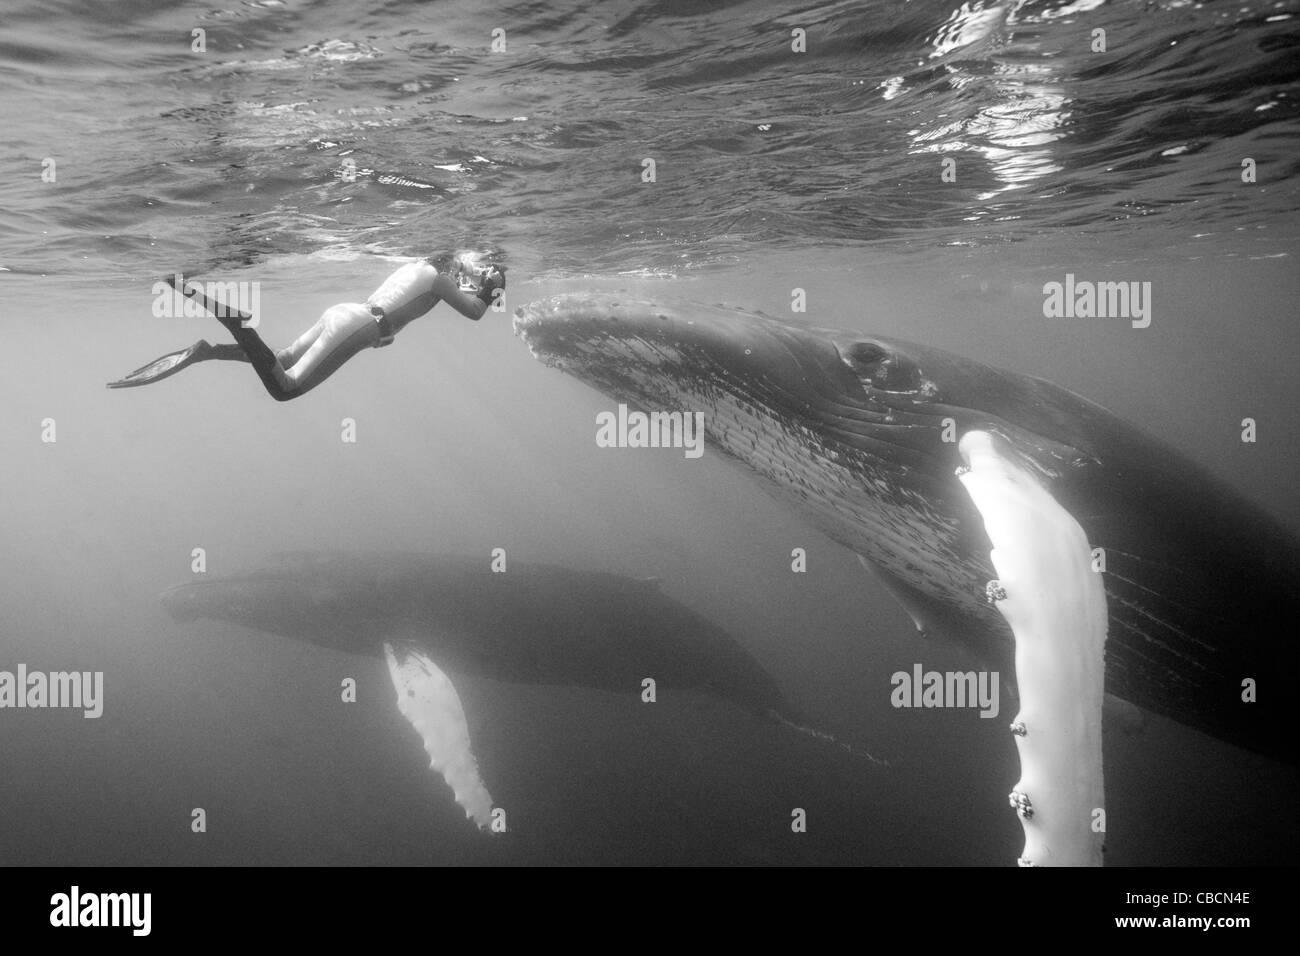 La ballena jorobada y fotógrafo, Megaptera novaeangliae, Banco de Plata, Océano Atlántico, República Imagen De Stock